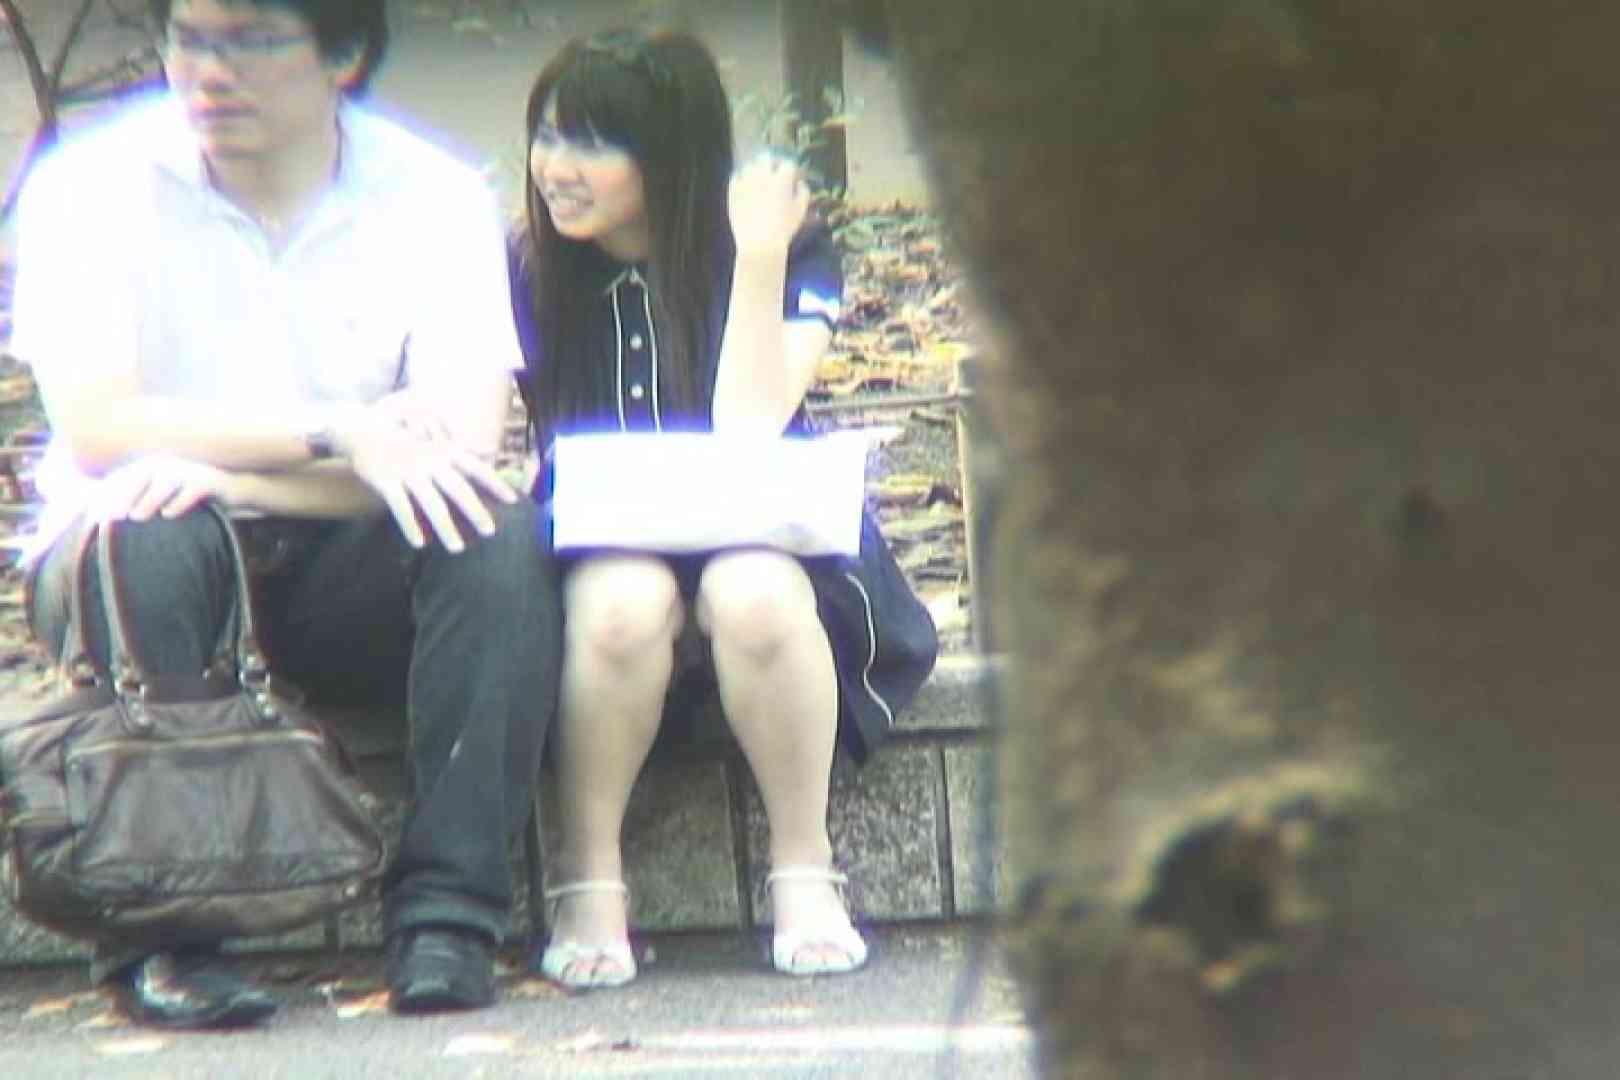 超最新版!春夏秋冬 vol.04 オマタぱっくり オマンコ無修正動画無料 98pic 37